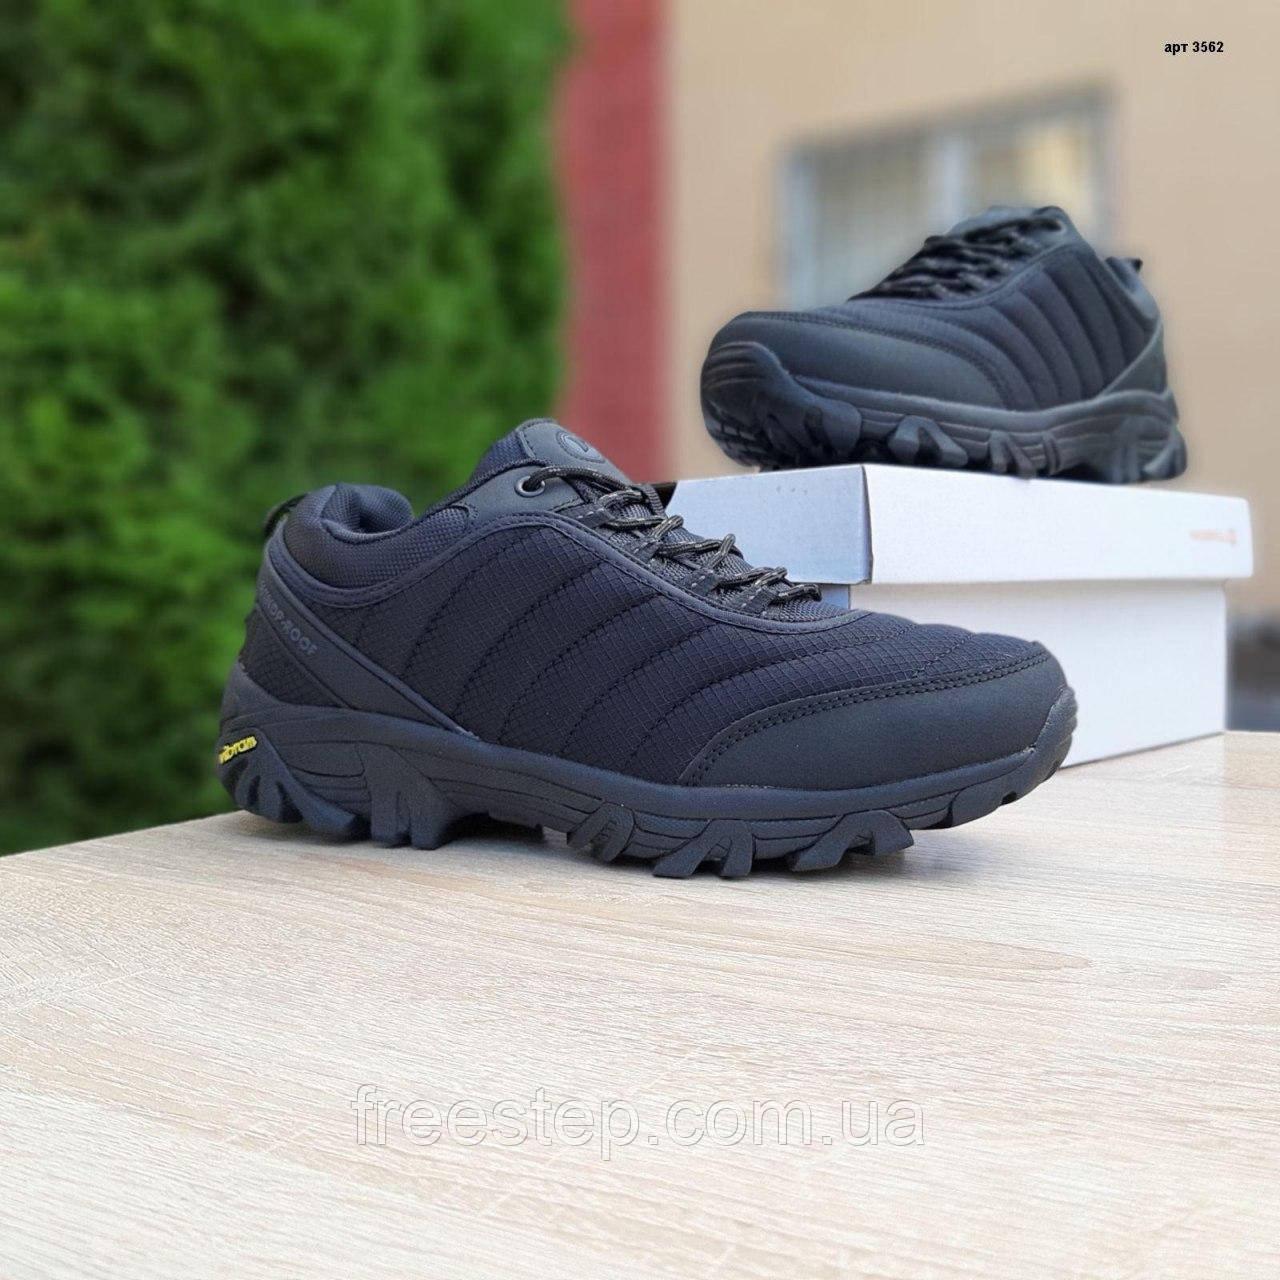 Чоловічі зимові кросівки в стилі Merrell Vibram чорні